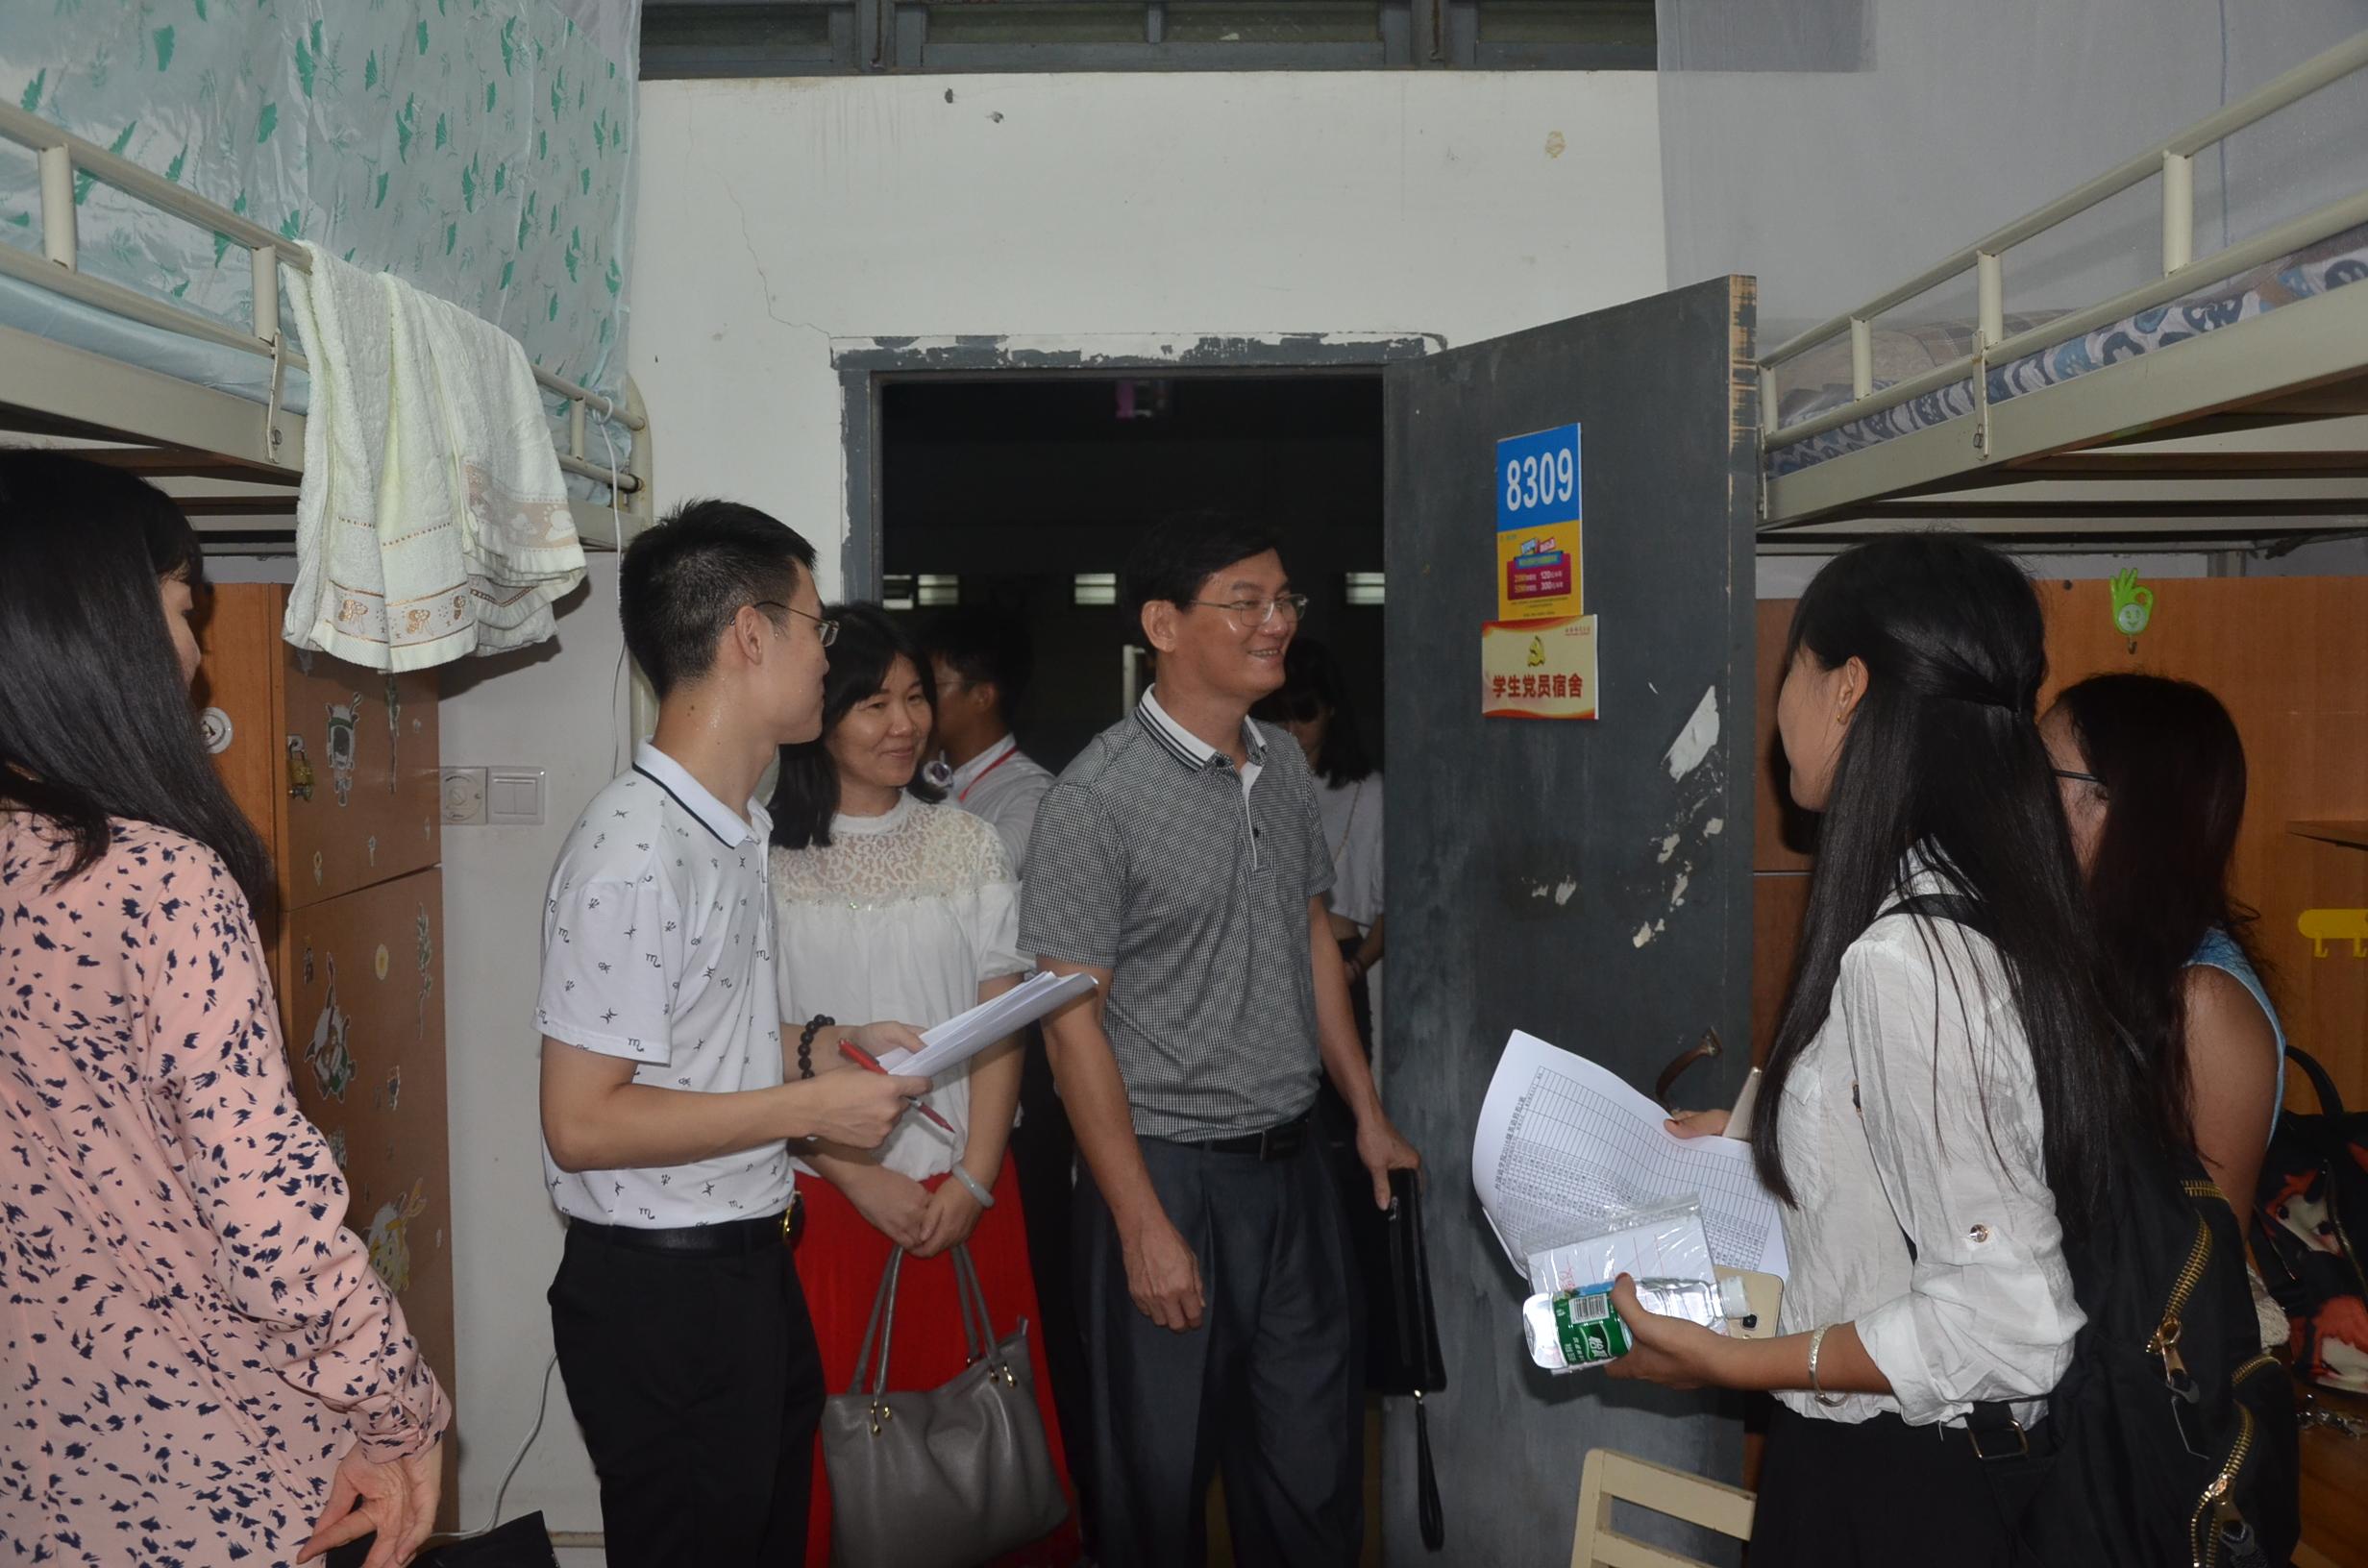 心系新生 爱暖宿舍 ----记外国语学院走访2016级新生宿舍